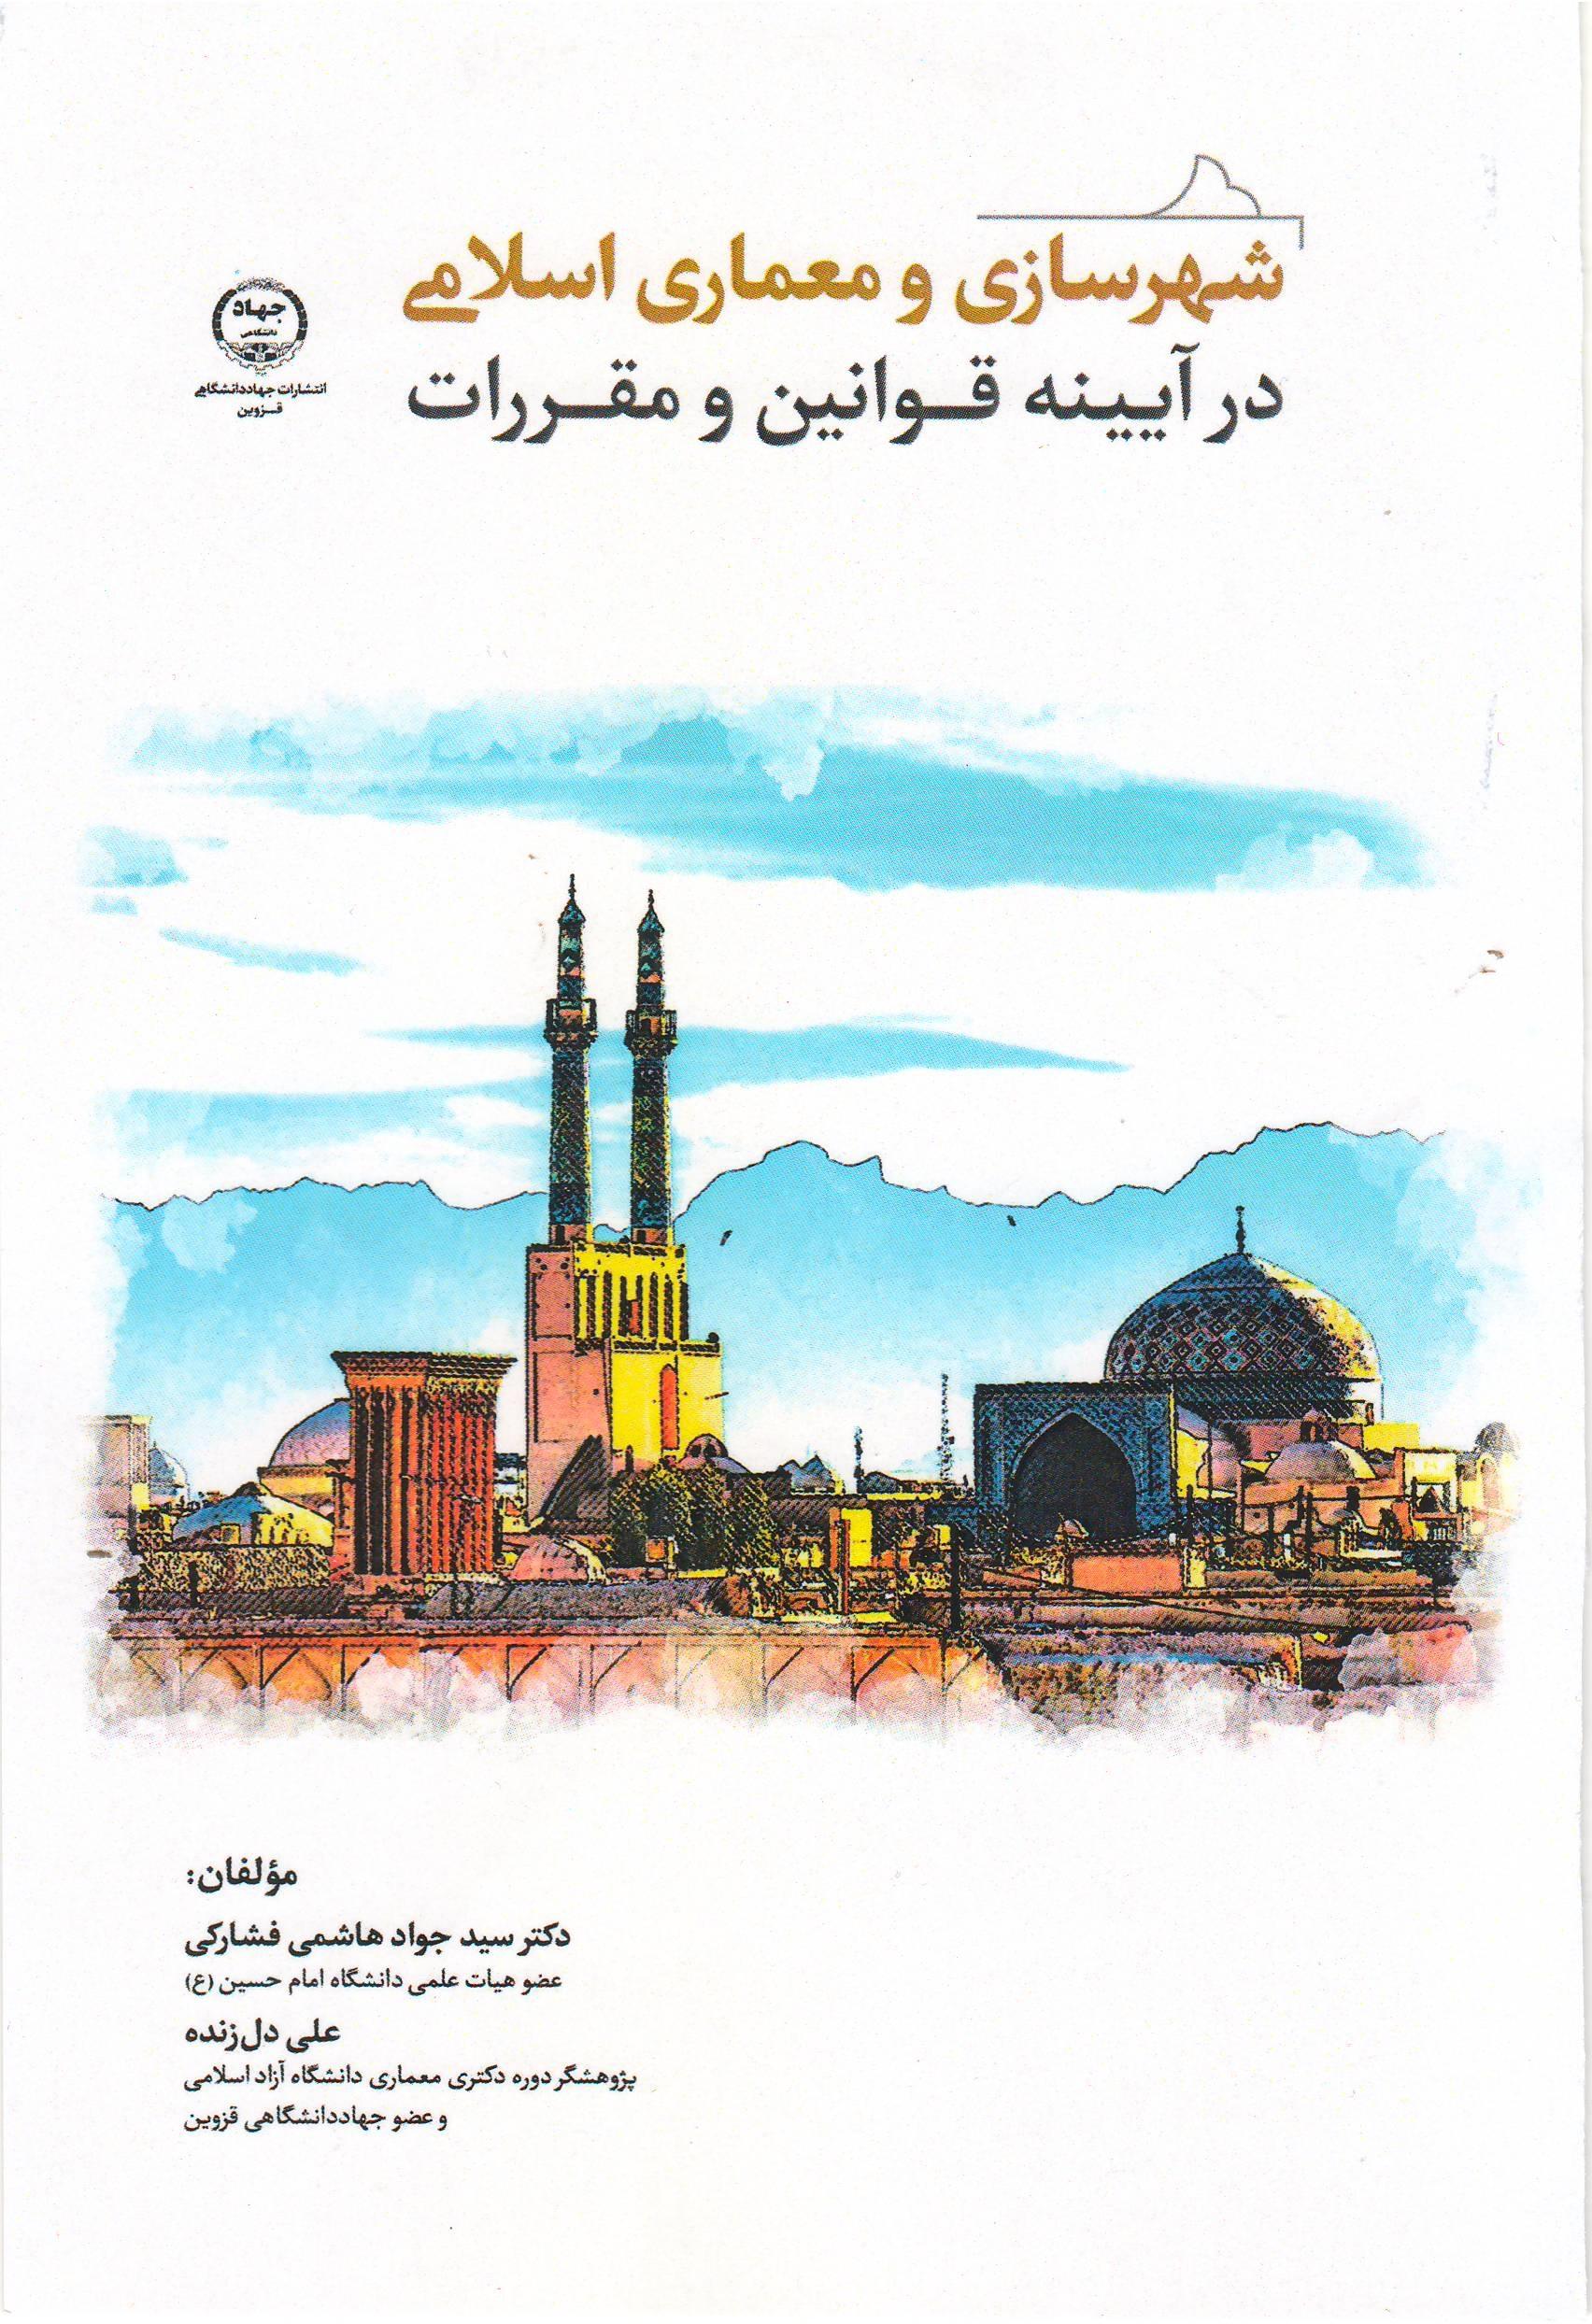 کتاب شهرسازی و معماری اسلامی در آیینه قوانین و مقررات